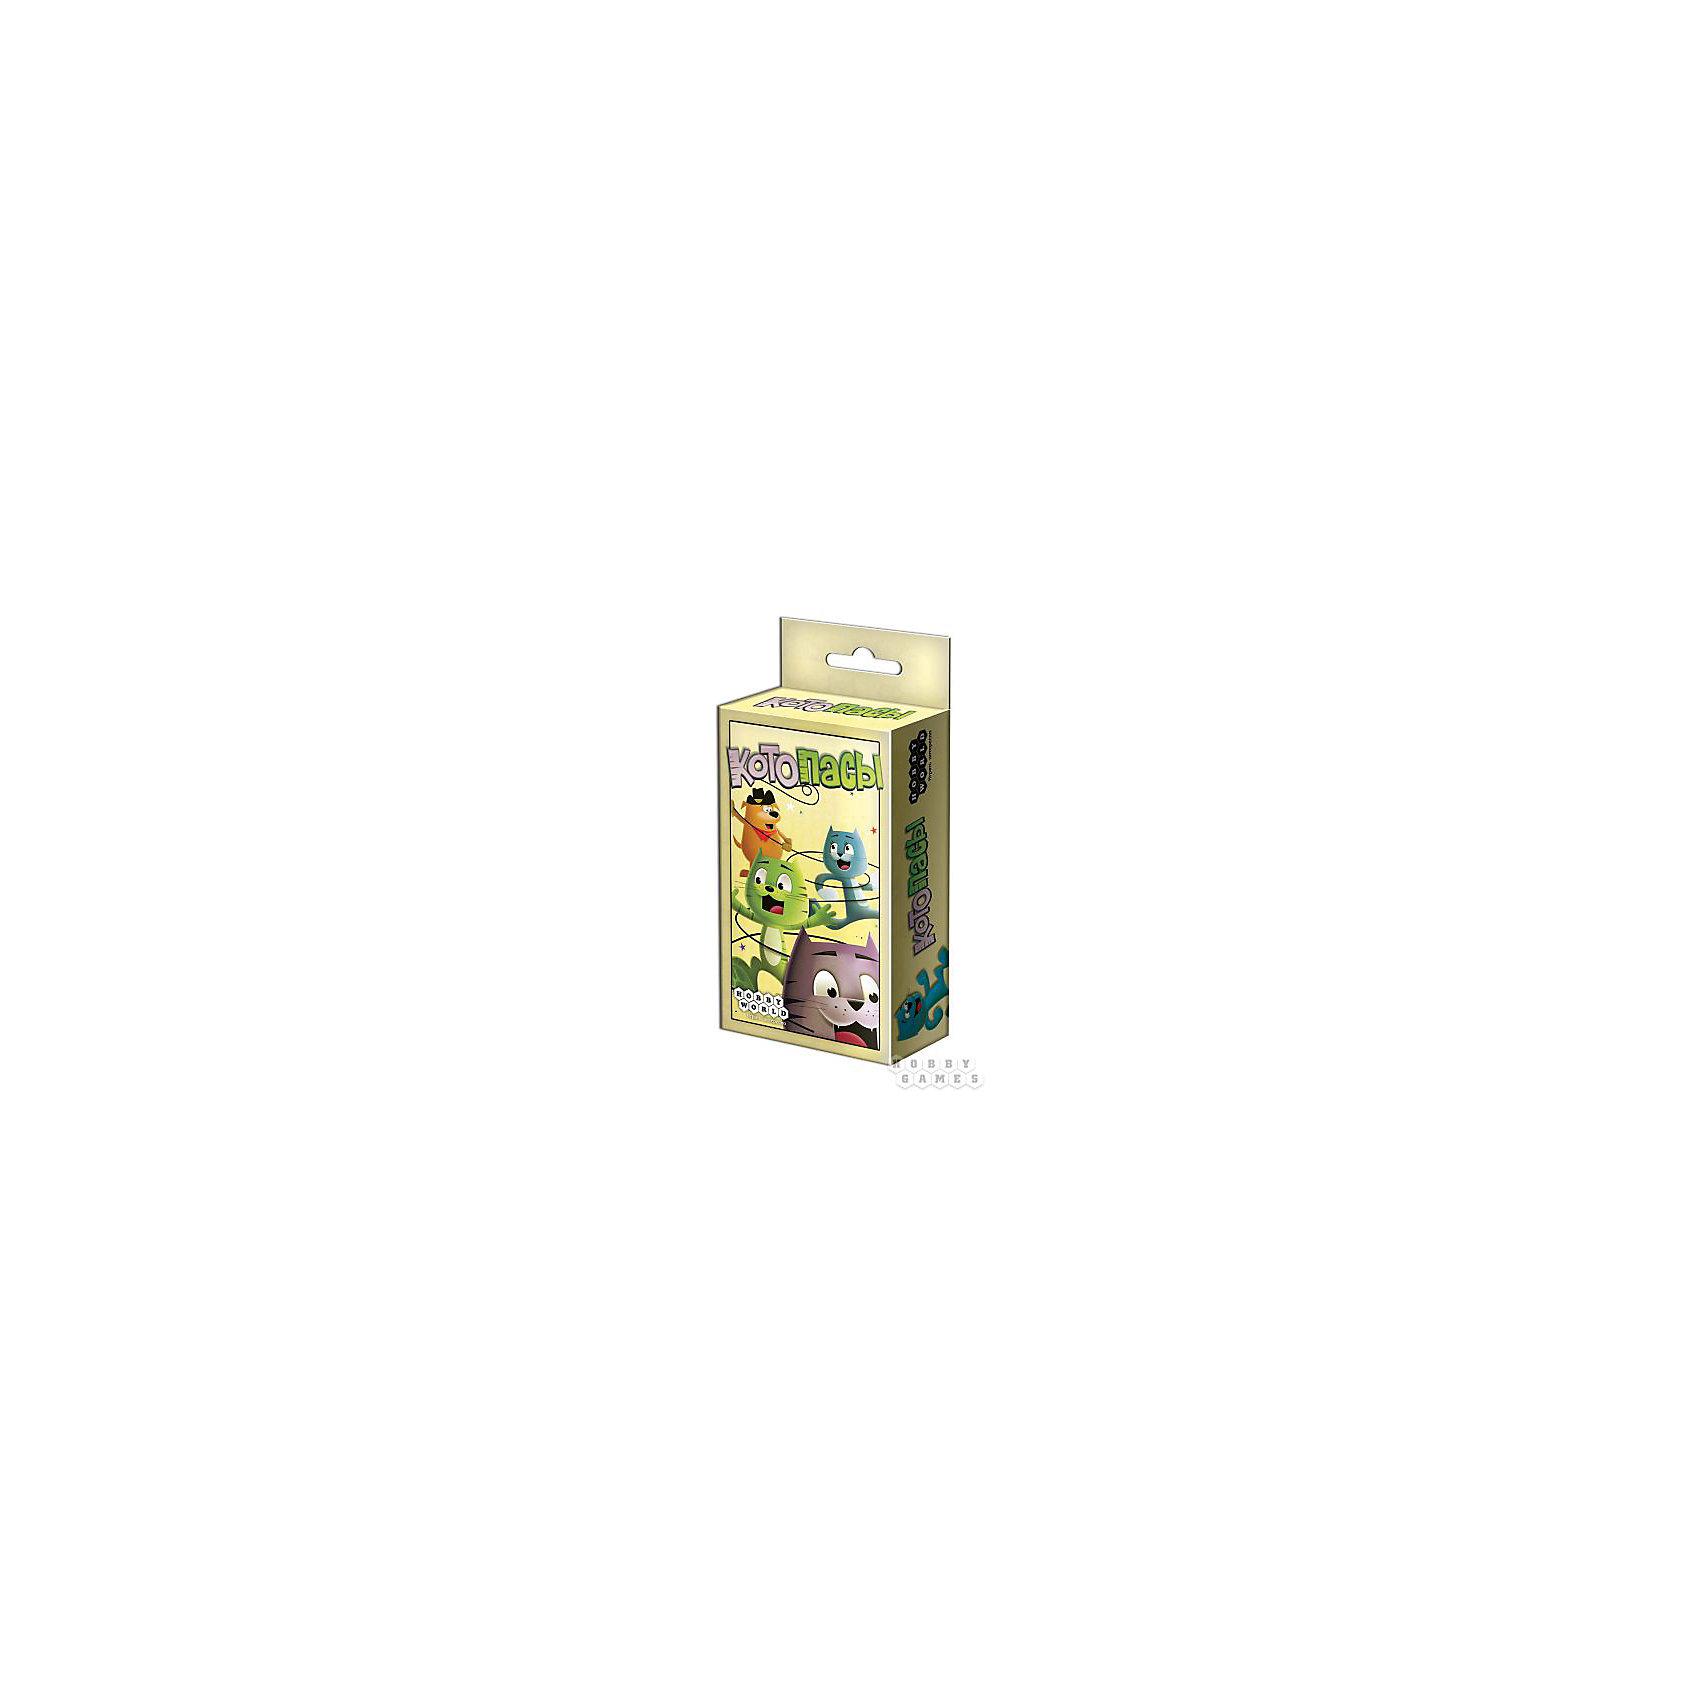 Игра Котопасы,  Hobby WorldНастольные игры для всей семьи<br>Характеристики товара:<br><br>• возраст: от 5 лет;<br>• материал: картон;<br>• количество игроков: 2-6 человек;<br>• время игры: 15 минут;<br>• в комплекте: 40 карт котов, 12 карт котопасов, 4 карты безумия, 4 карты кошатниц, правила игры;<br>• размер упаковки 13,5х7х3 см;<br>• вес упаковки 122 гр.;<br>• страна производитель: Россия.<br><br>Игра «Котопасы» Hobby World — увлекательная игра для детей. Каждый игрок в начале игры получает 3 карты. За свой ход он обязательно должен сыграть одну карту. Когда игрок сходил, он берет еще одну карту из колоды. Цель — собрать котов в котару в цвет псу-котопасу. Котара с 3 одноцветными котами и котопасом остается у игрока. Надо собрать как можно больше котар в ходе игры. <br><br>Игру «Котопасы» Hobby World можно приобрести в нашем интернет-магазине.<br><br>Ширина мм: 135<br>Глубина мм: 70<br>Высота мм: 30<br>Вес г: 122<br>Возраст от месяцев: 60<br>Возраст до месяцев: 2147483647<br>Пол: Унисекс<br>Возраст: Детский<br>SKU: 5597226